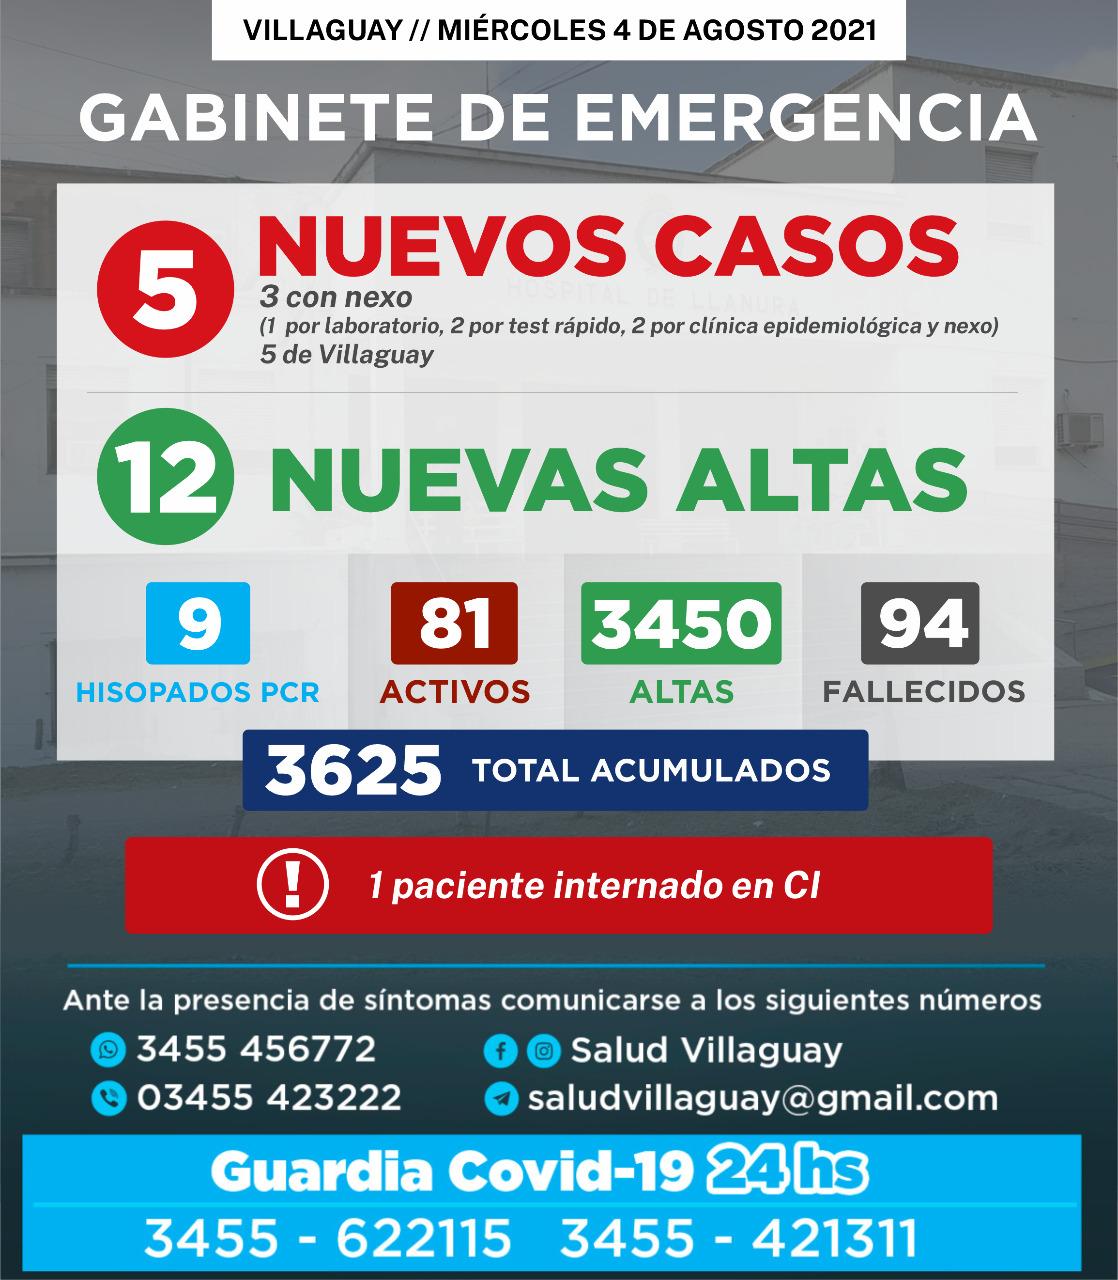 GABINETE DE EMERGENCIA DE VILLAGUAY: Reporte del Mièrcoles 4/08, 5 nuevos casos de Covid-19